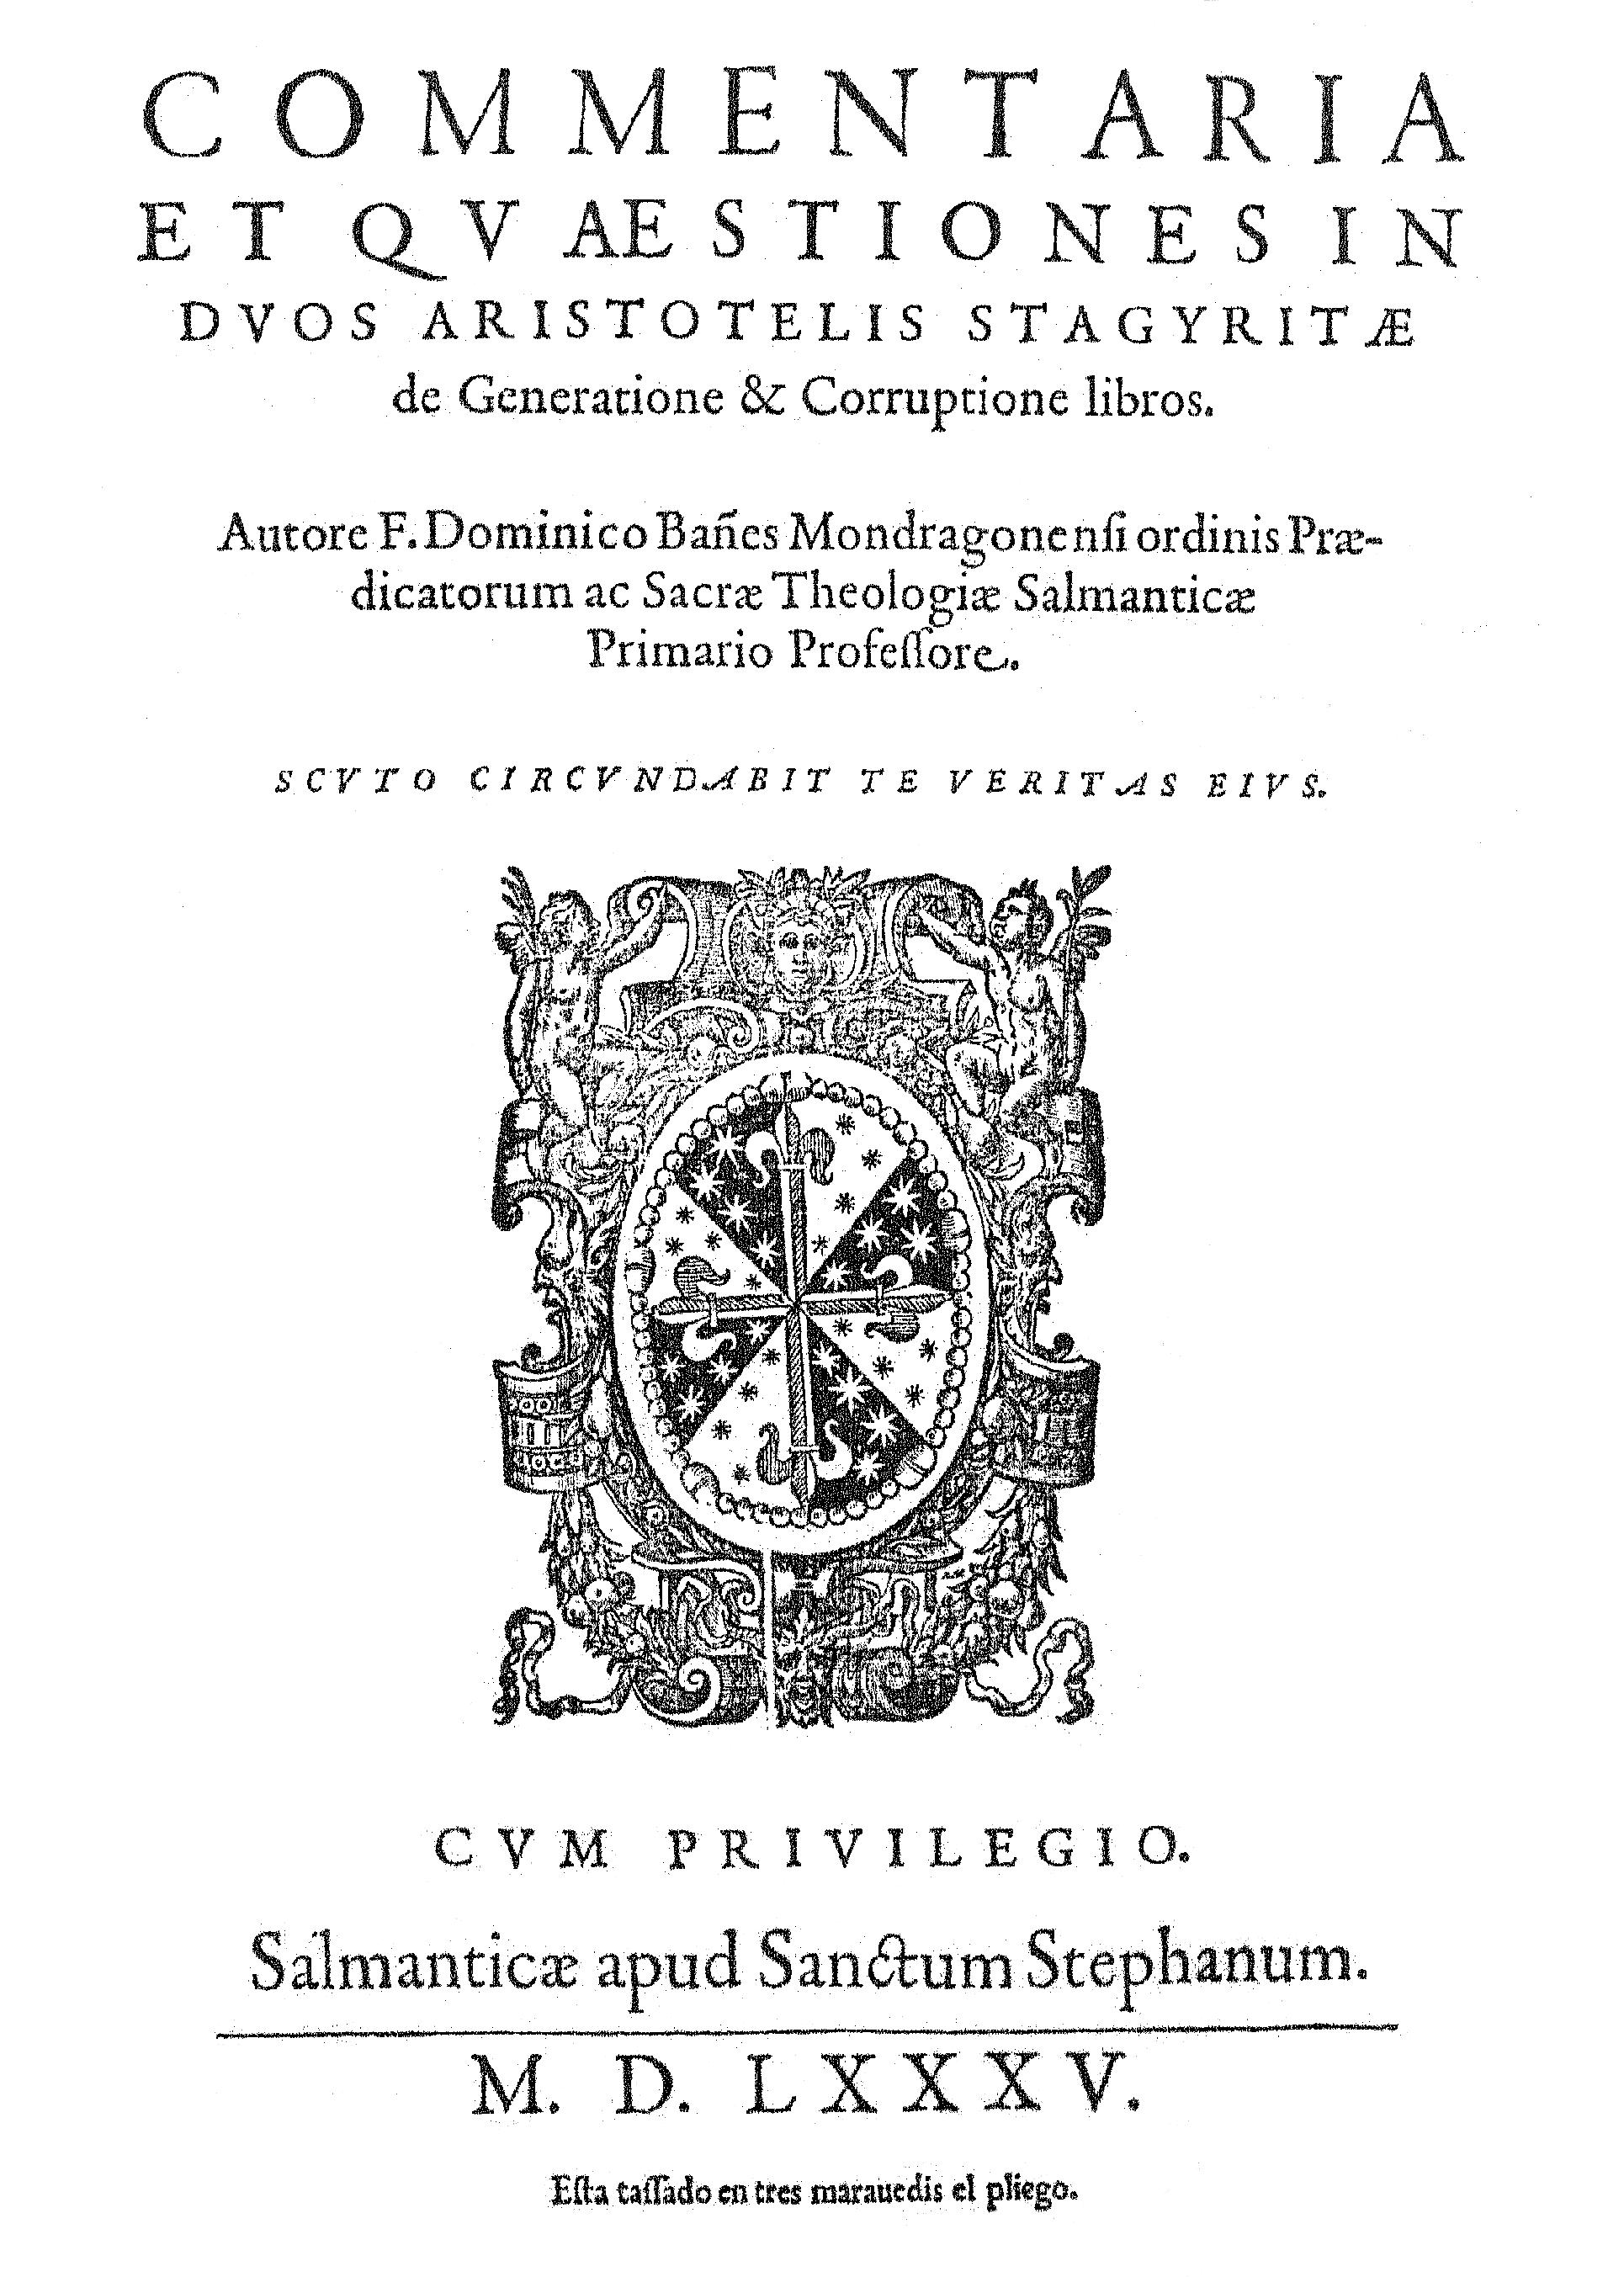 Domingo Báñez Wikipedia